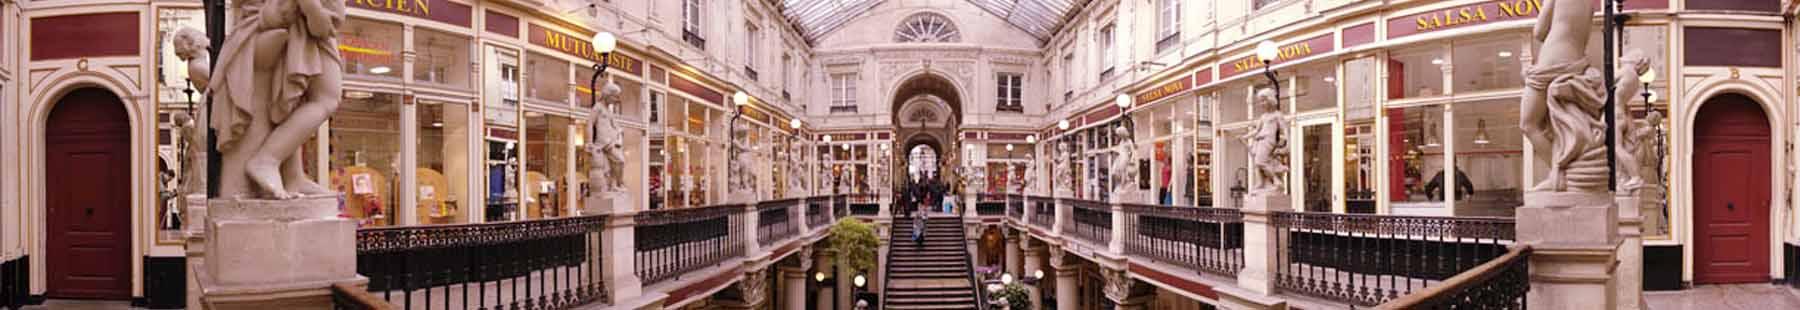 A la frontière de la Bretagne : Nantes, grande et belle ville de France